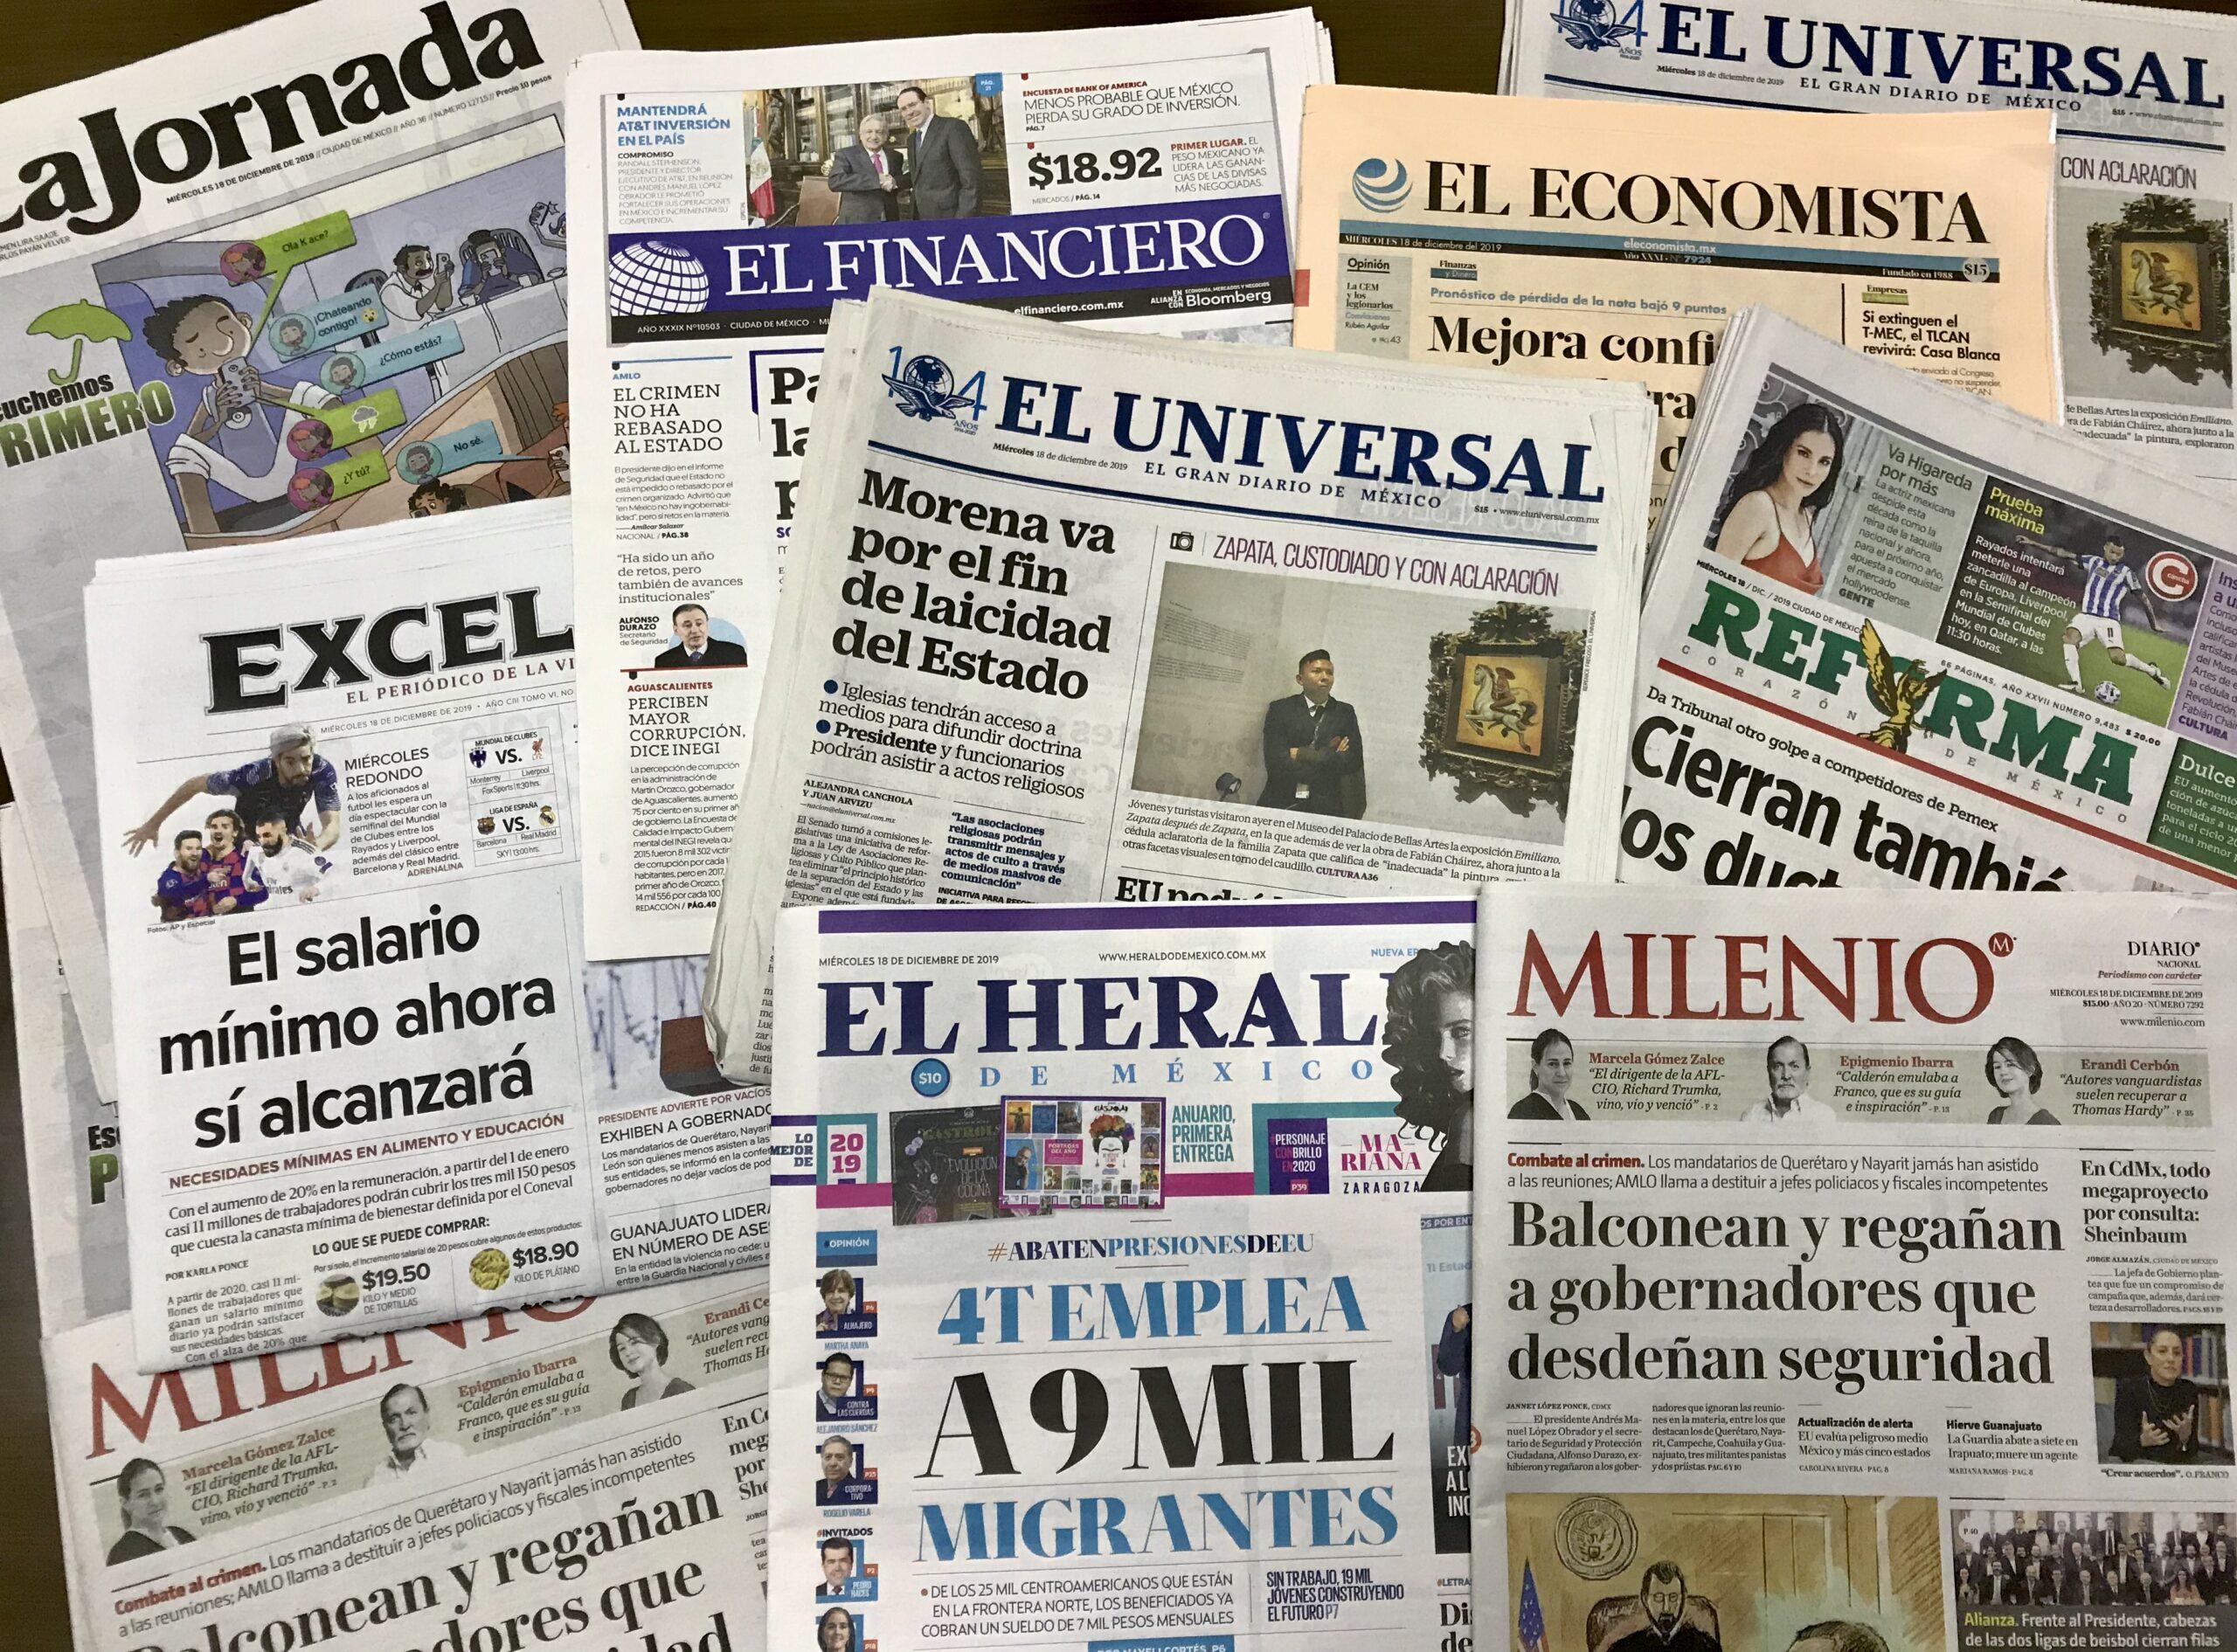 Alebrijes en Cuadratines / Nuevo periodismo oficial